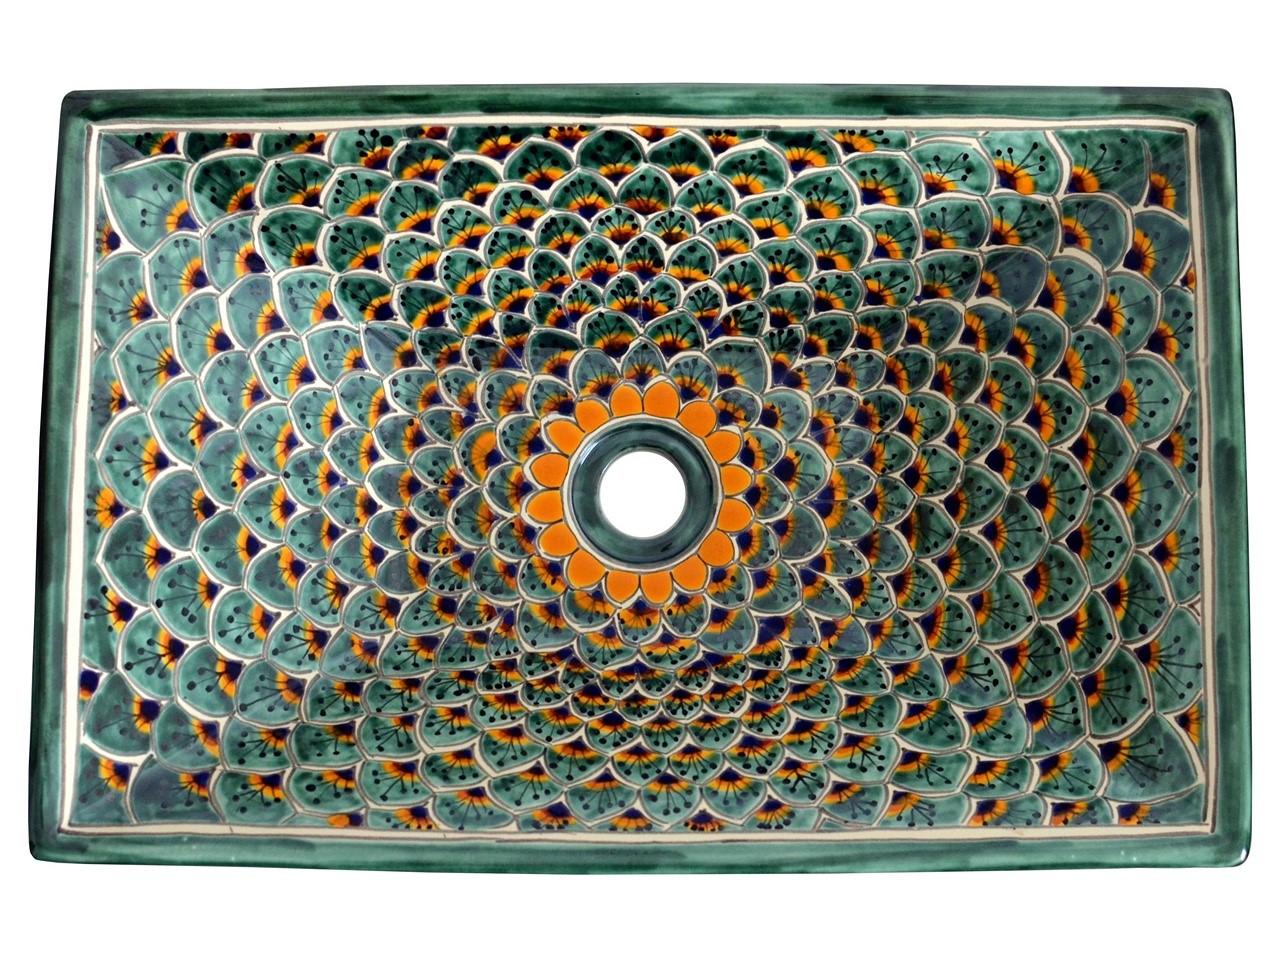 Aufsatzwaschbecken rechteckig PAVO VERDE - exotisches Design von Mexambiente